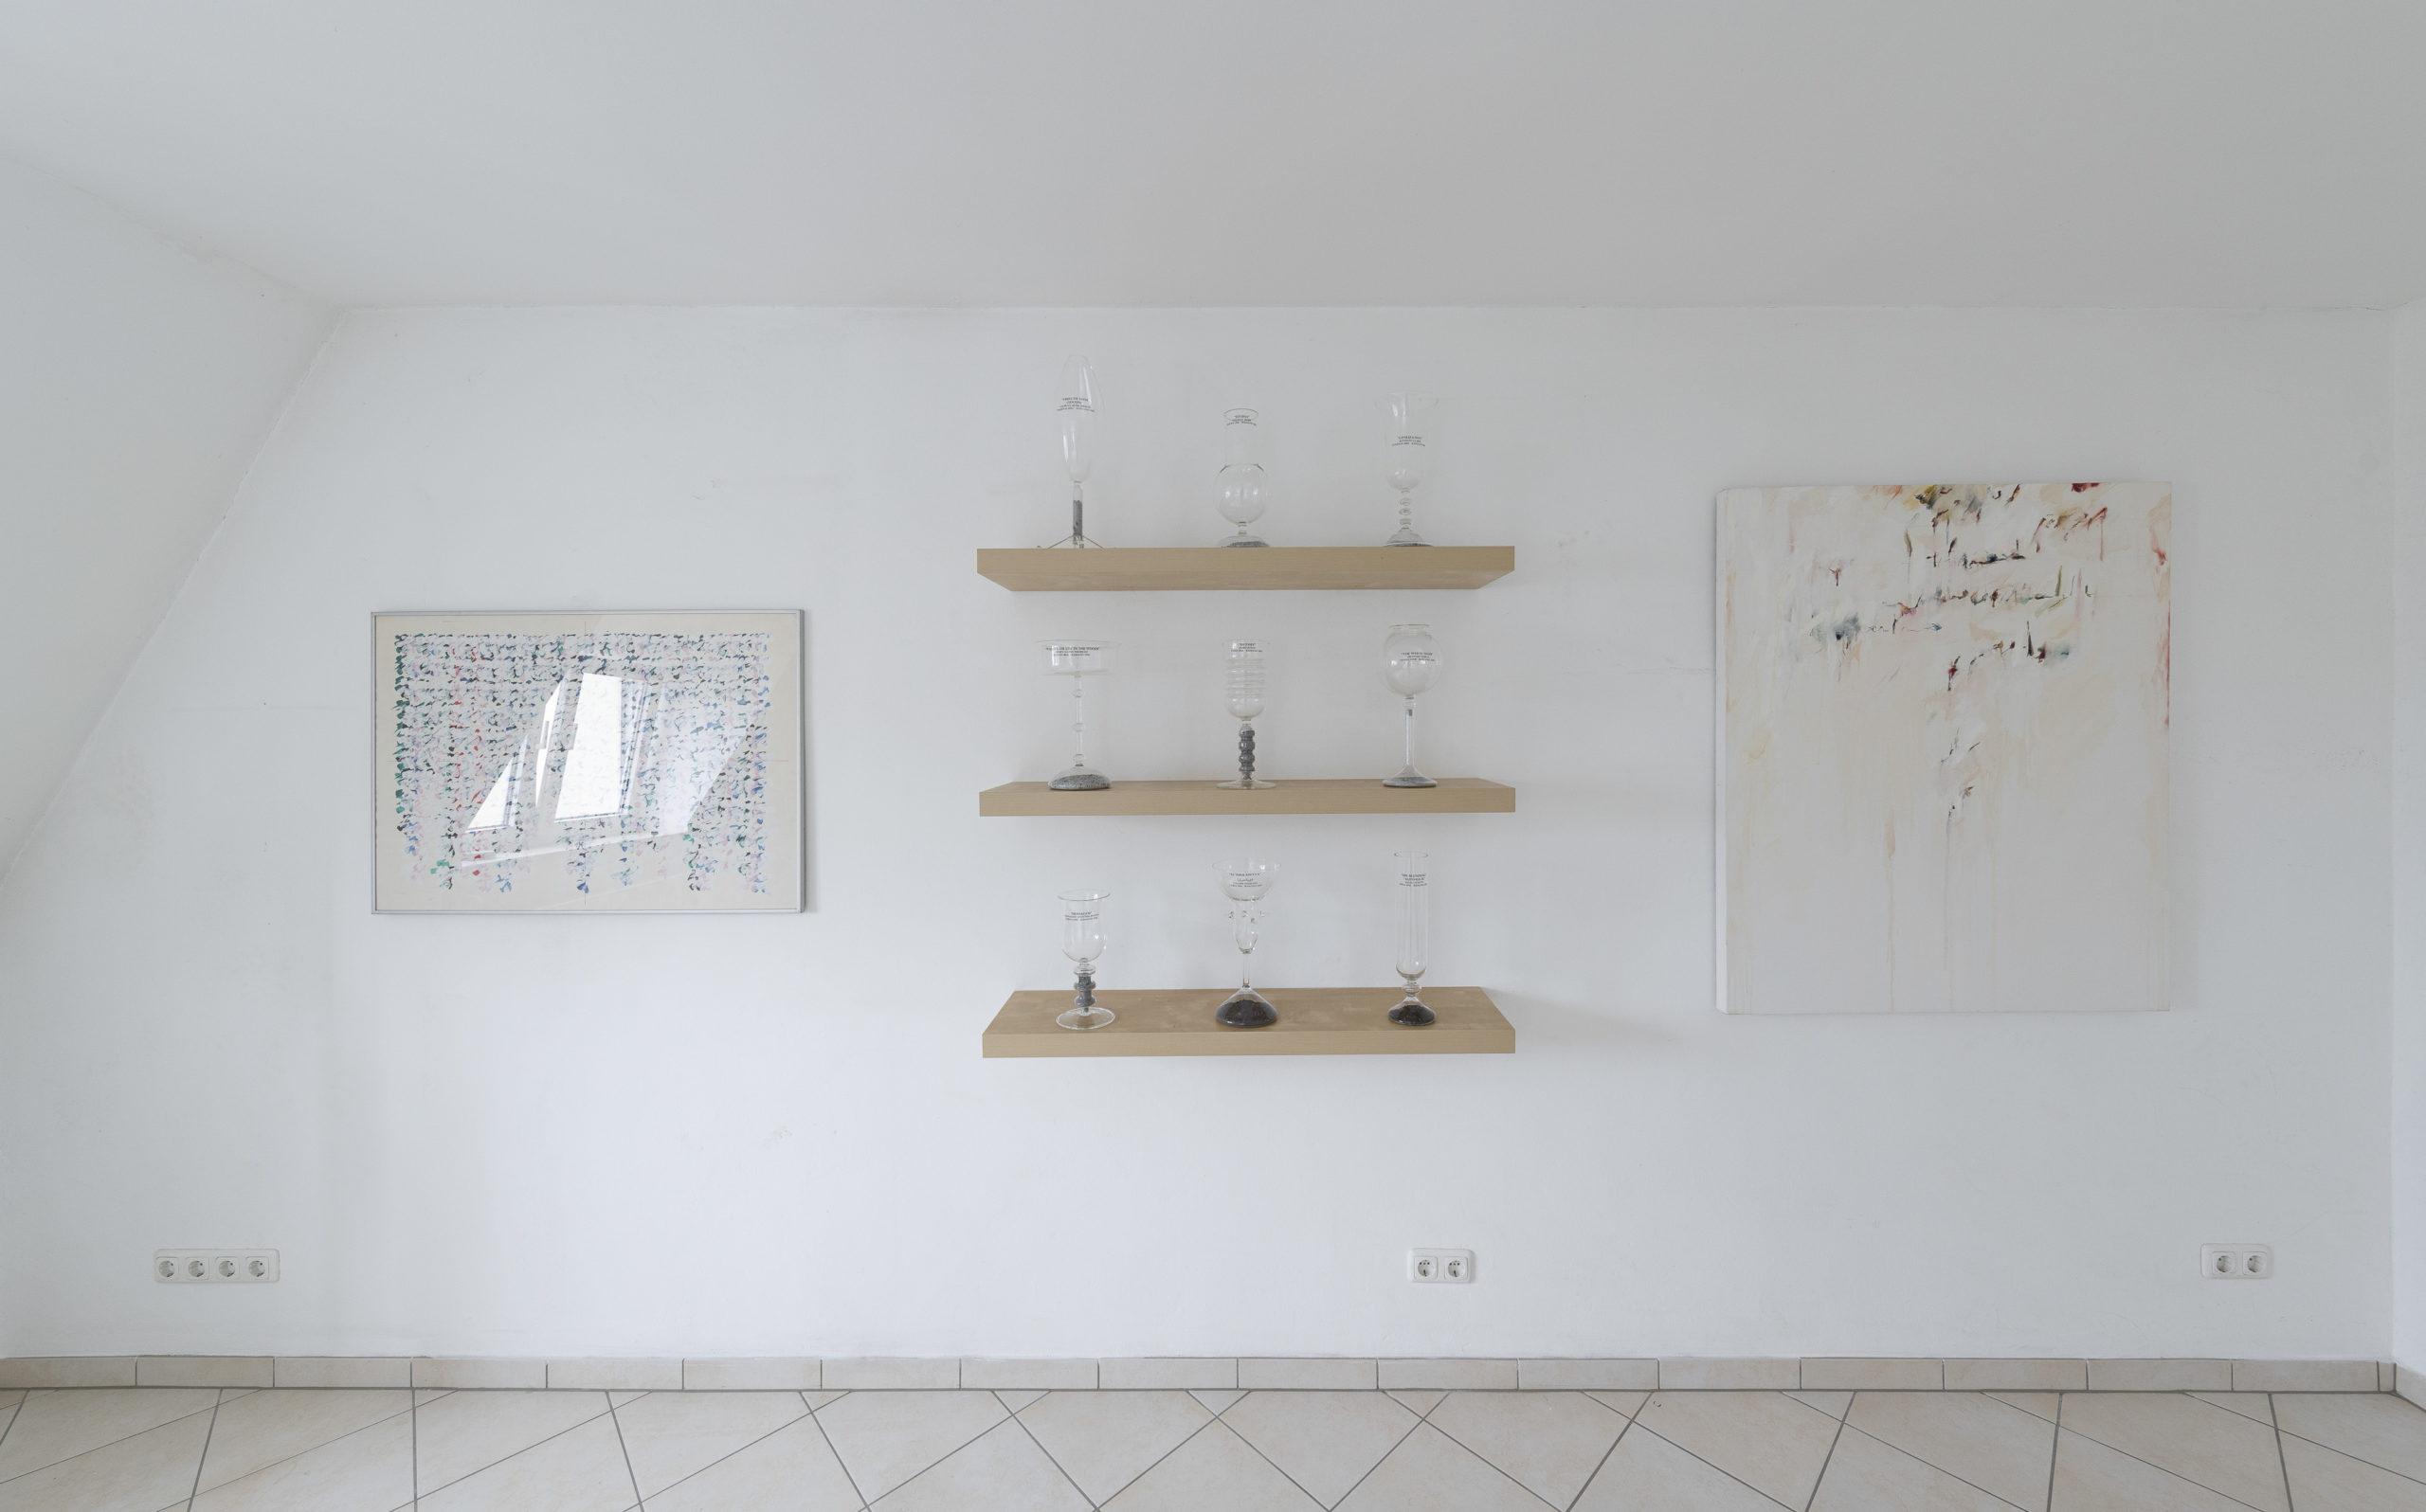 004-02 Living Art 02102020 (3 von 140)